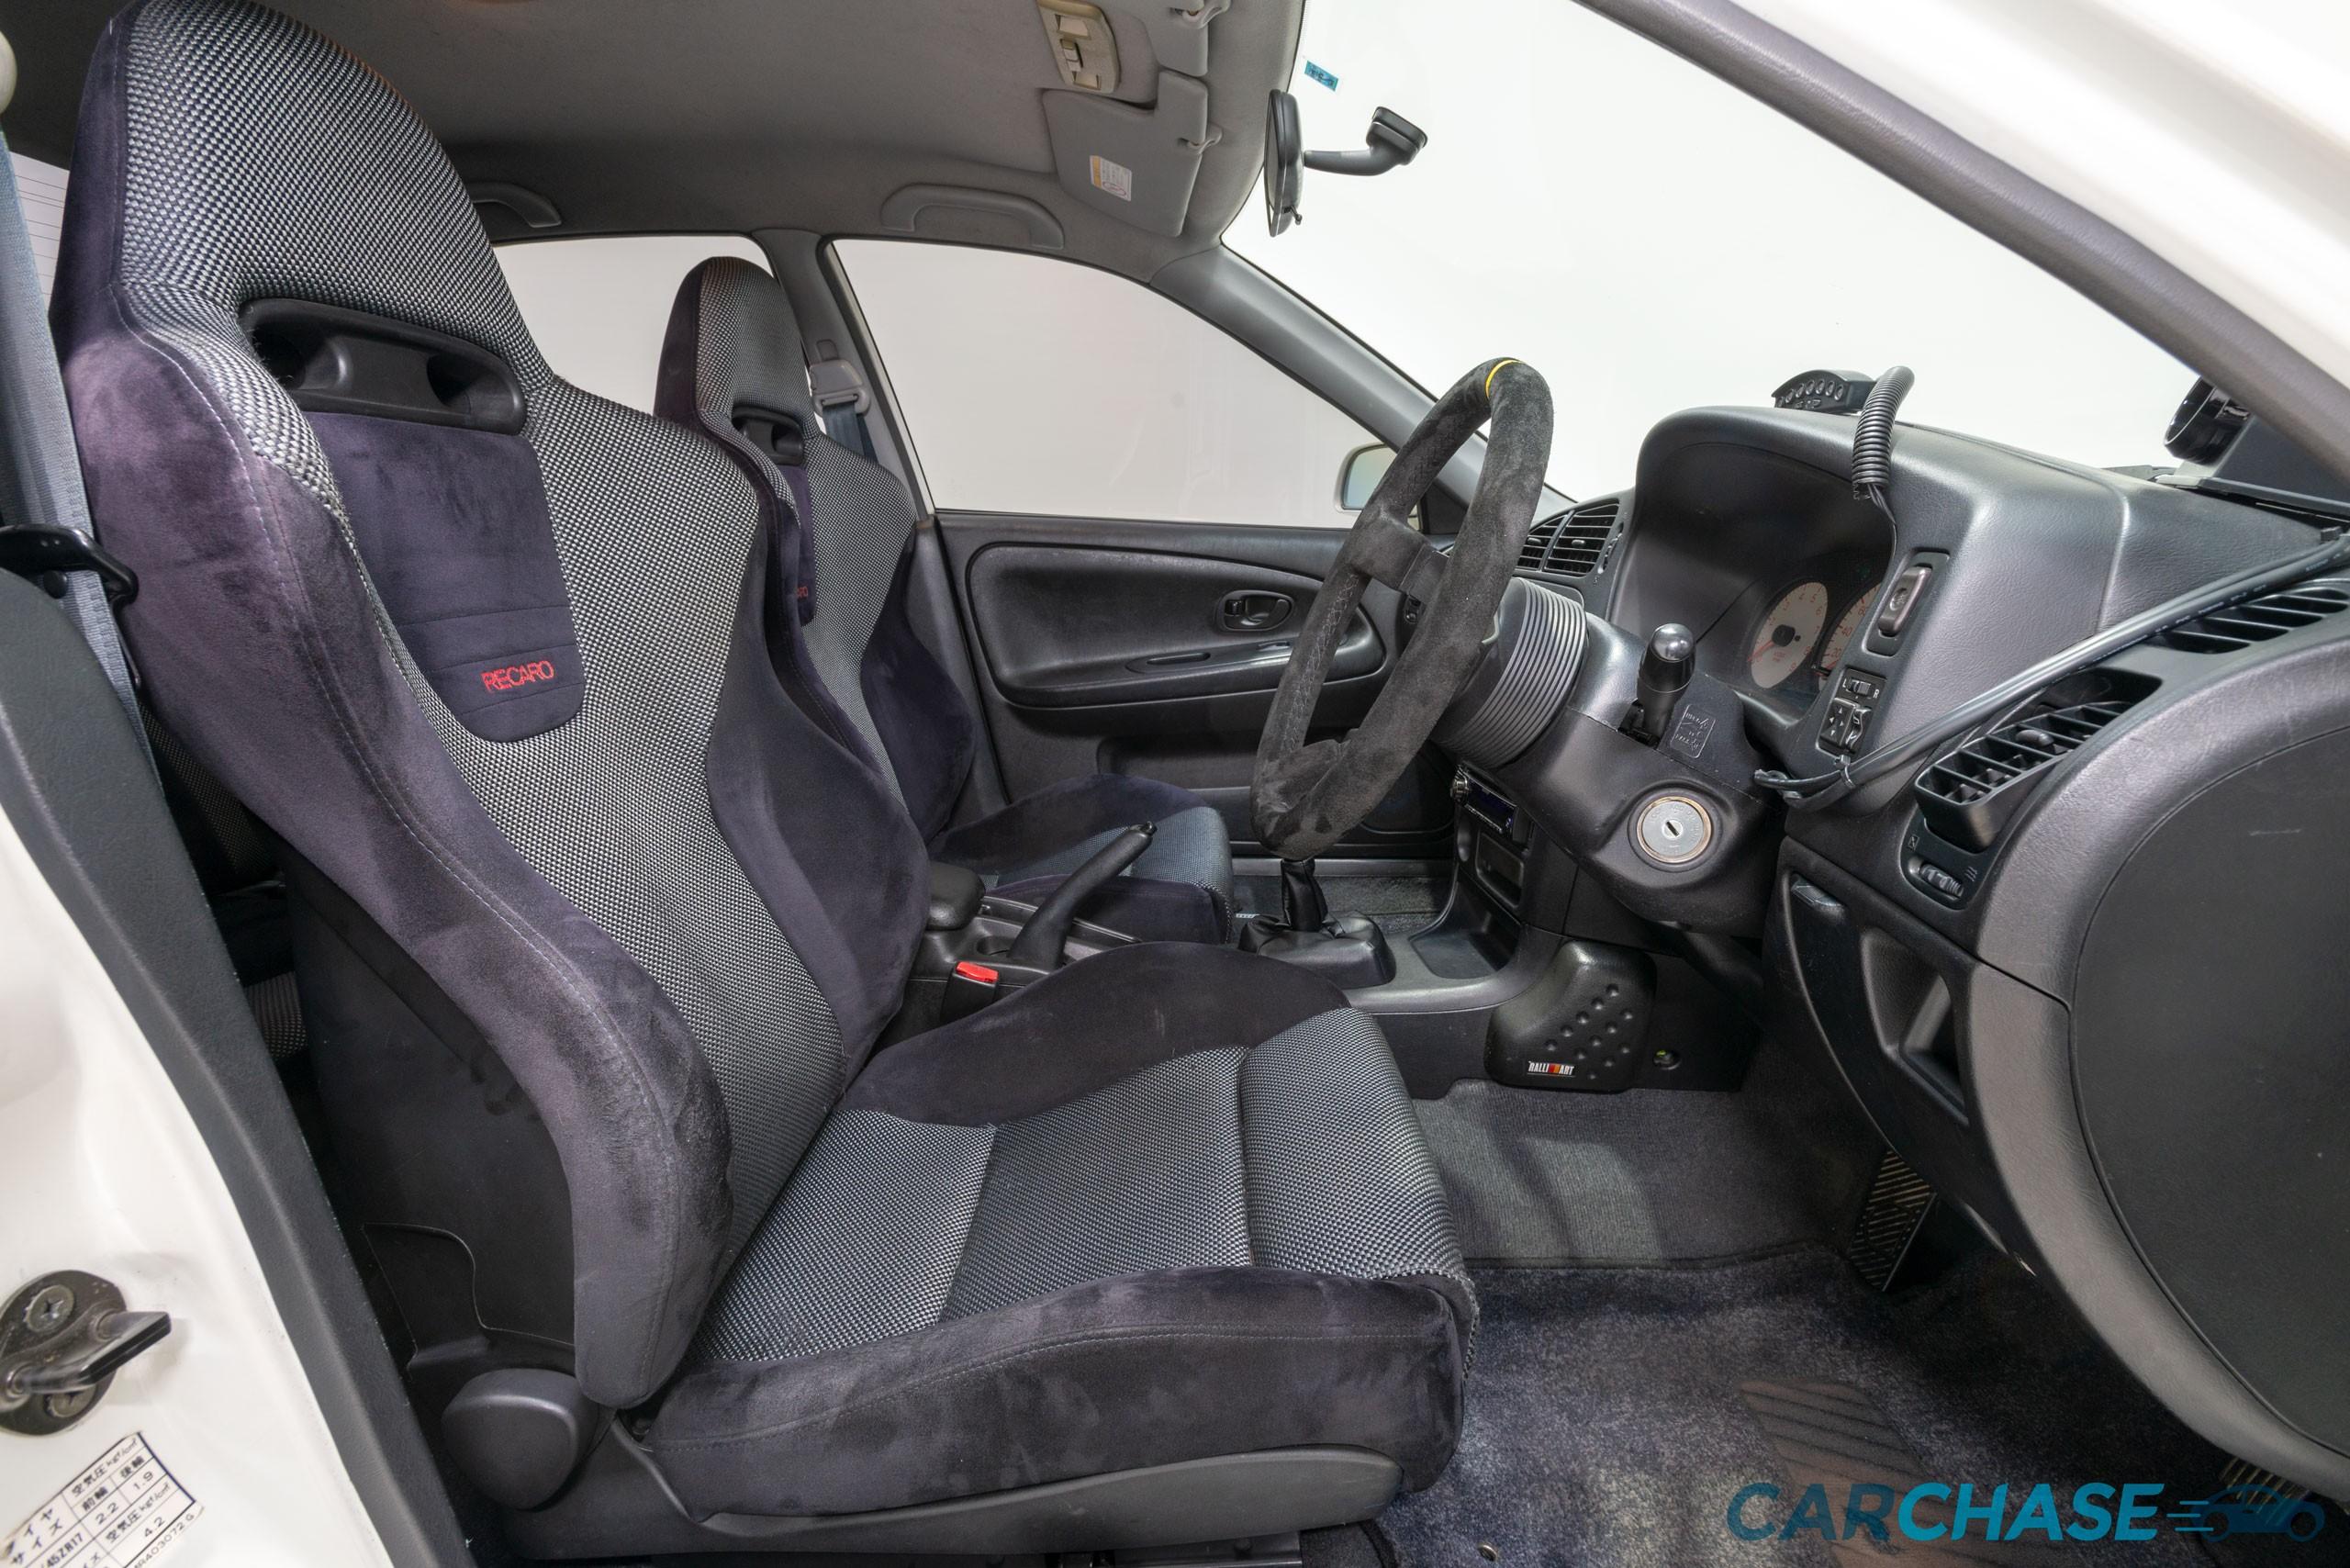 Image of driver front profile of 1998 Mitsubishi Lancer Evolution V